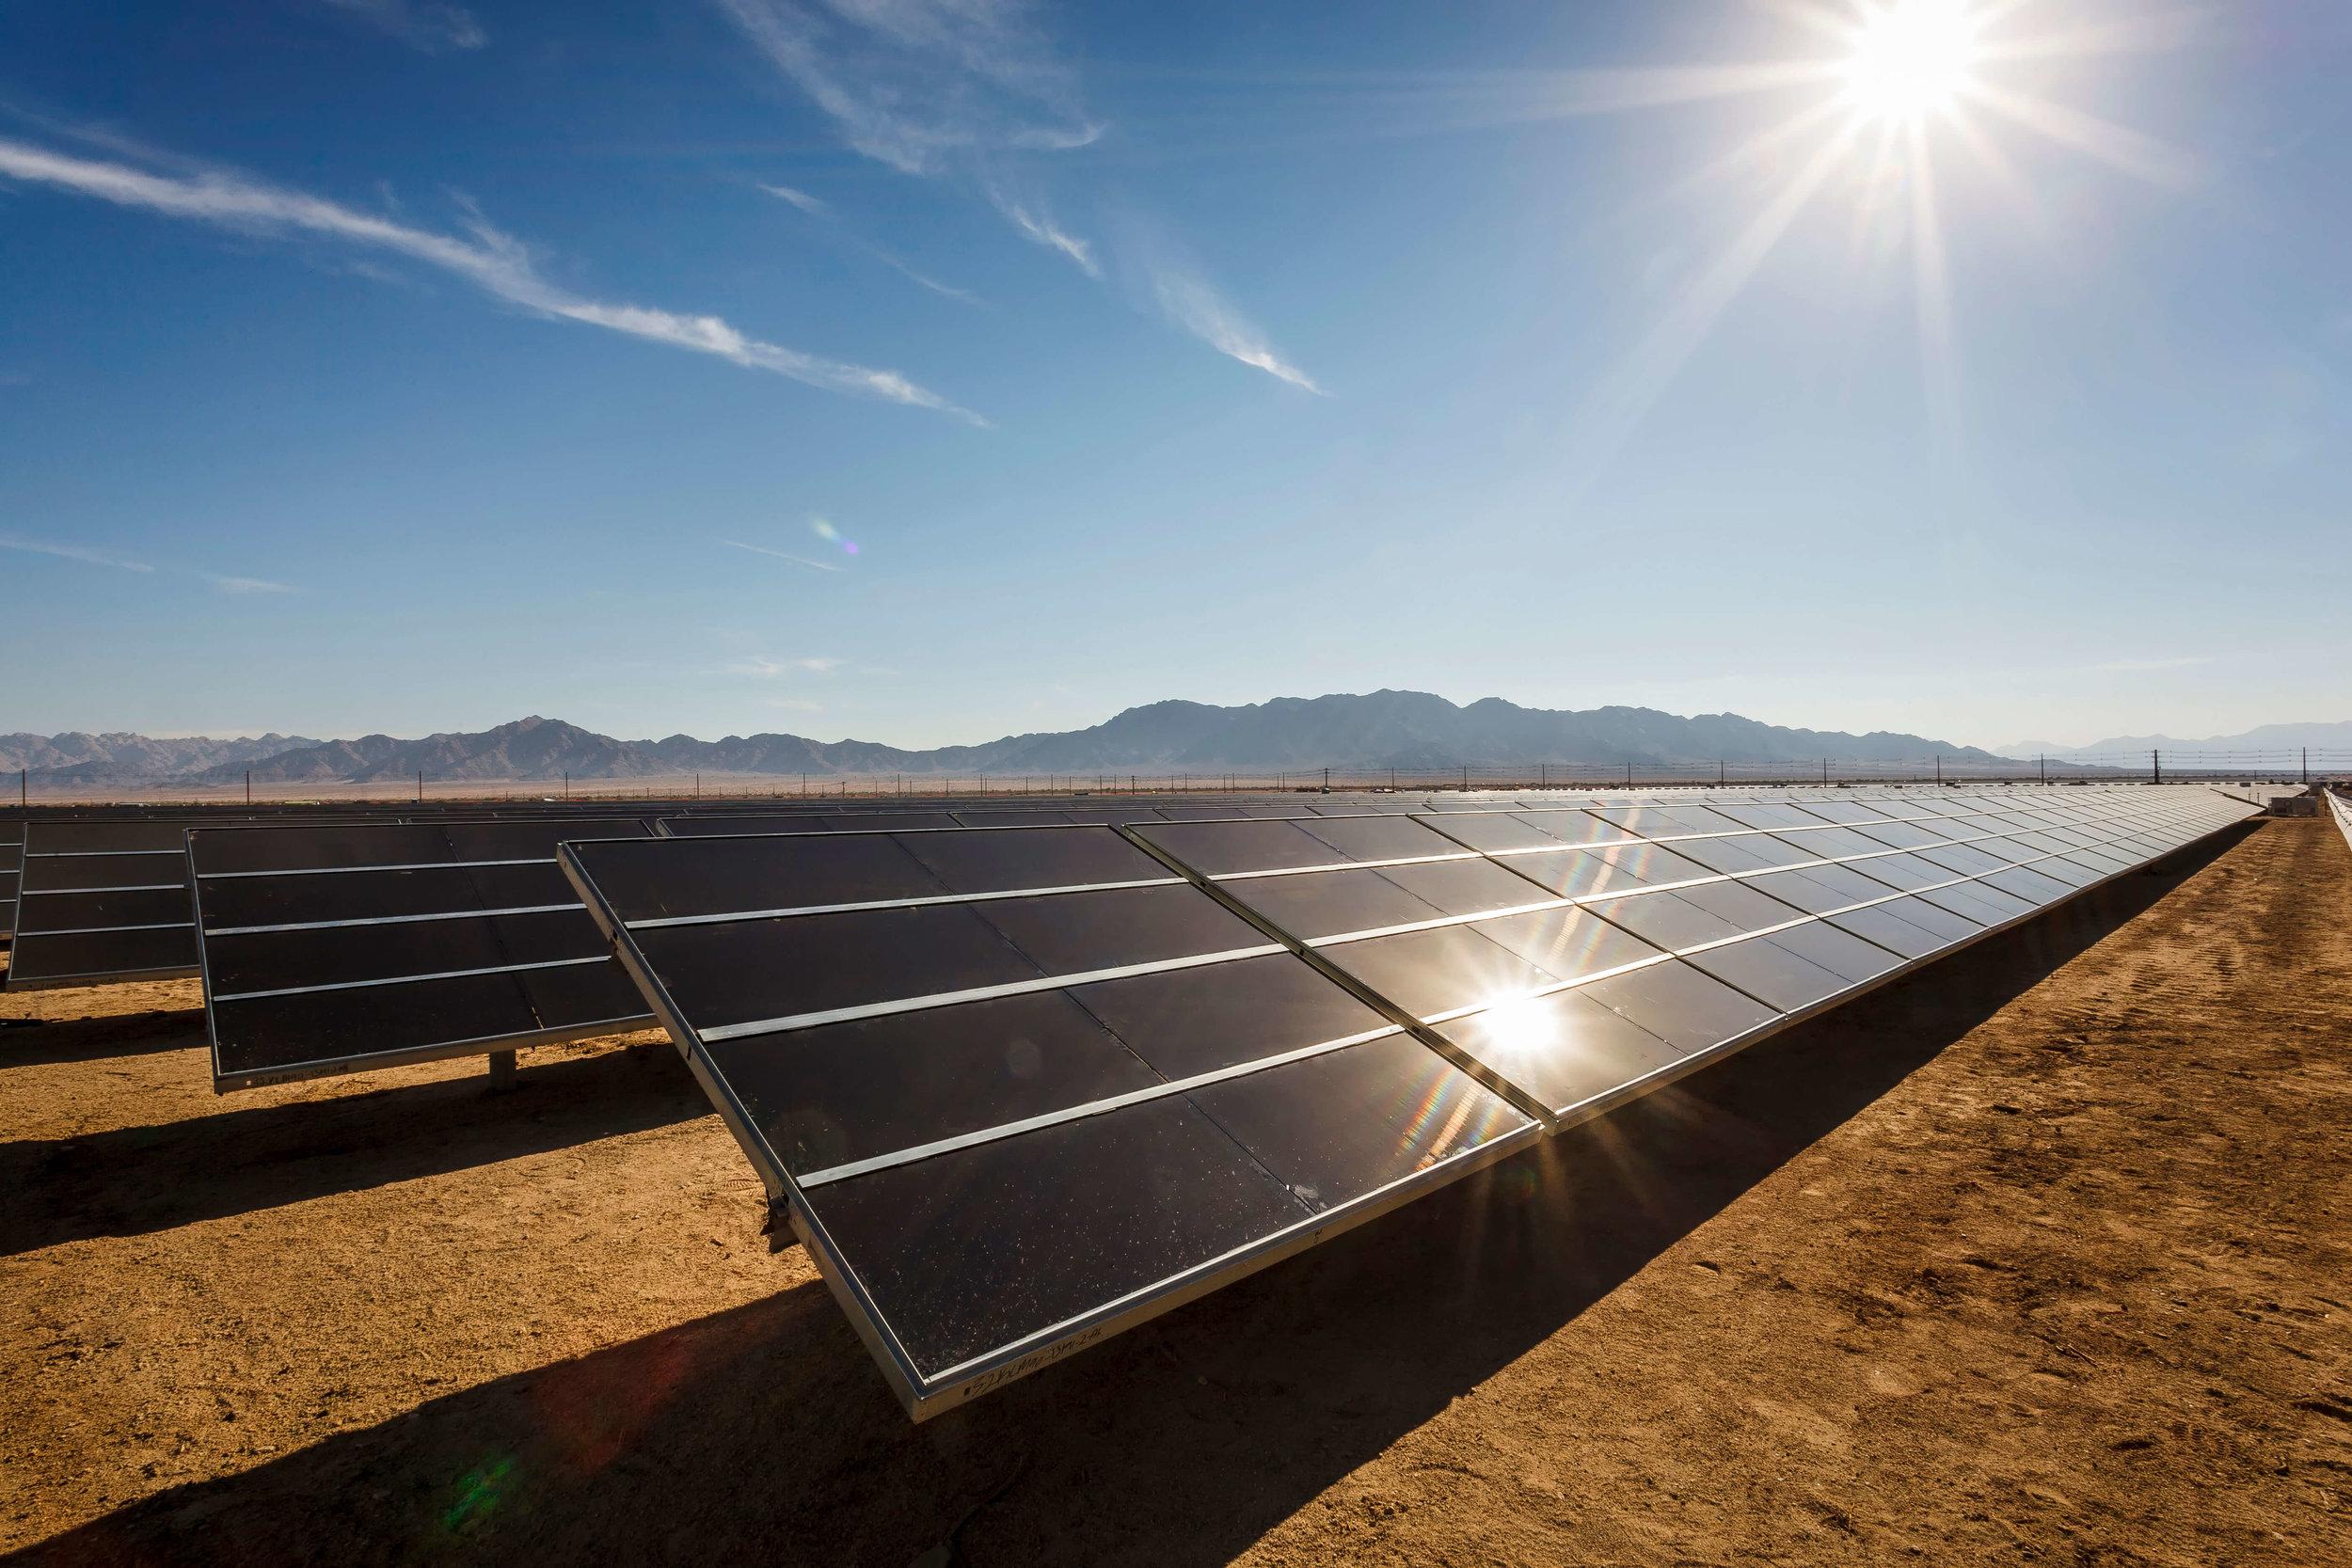 1-Desert-Sunlight-Visitor-Center-The Sibbett Group-PV-Modules-Drew Metzger.jpg